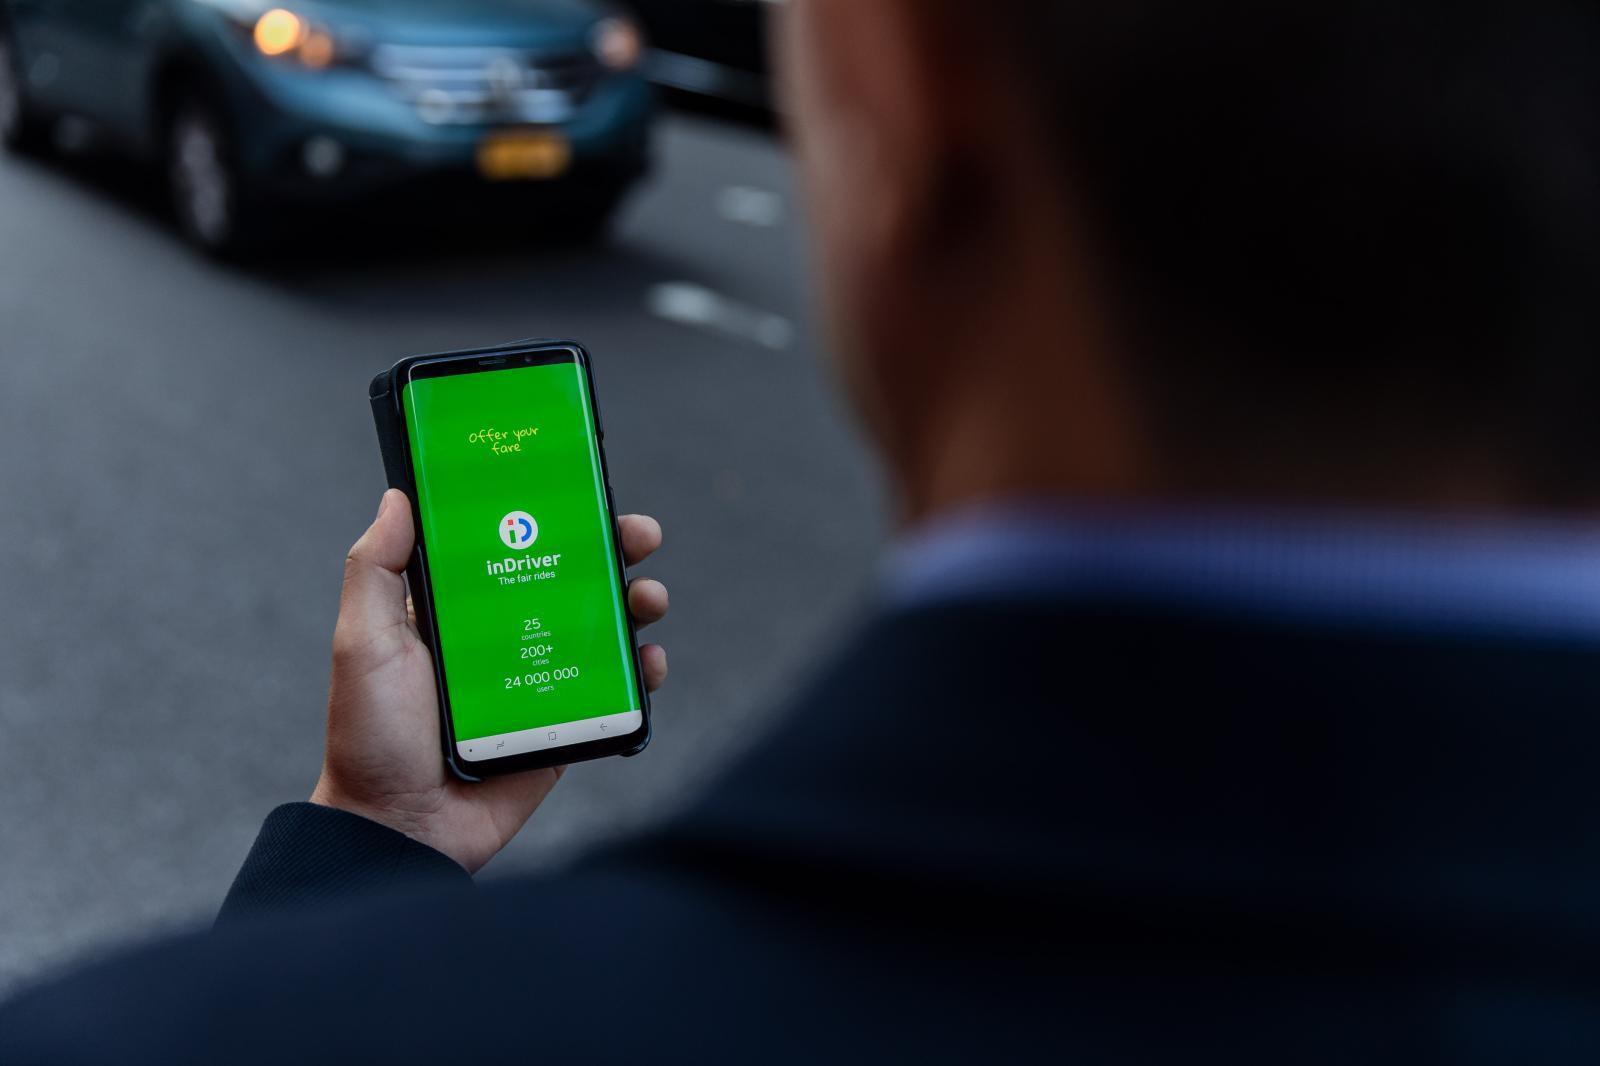 Một công ty non trẻ từ Nga đang khuấy động dịch vụ gọi xe ở Châu Phi